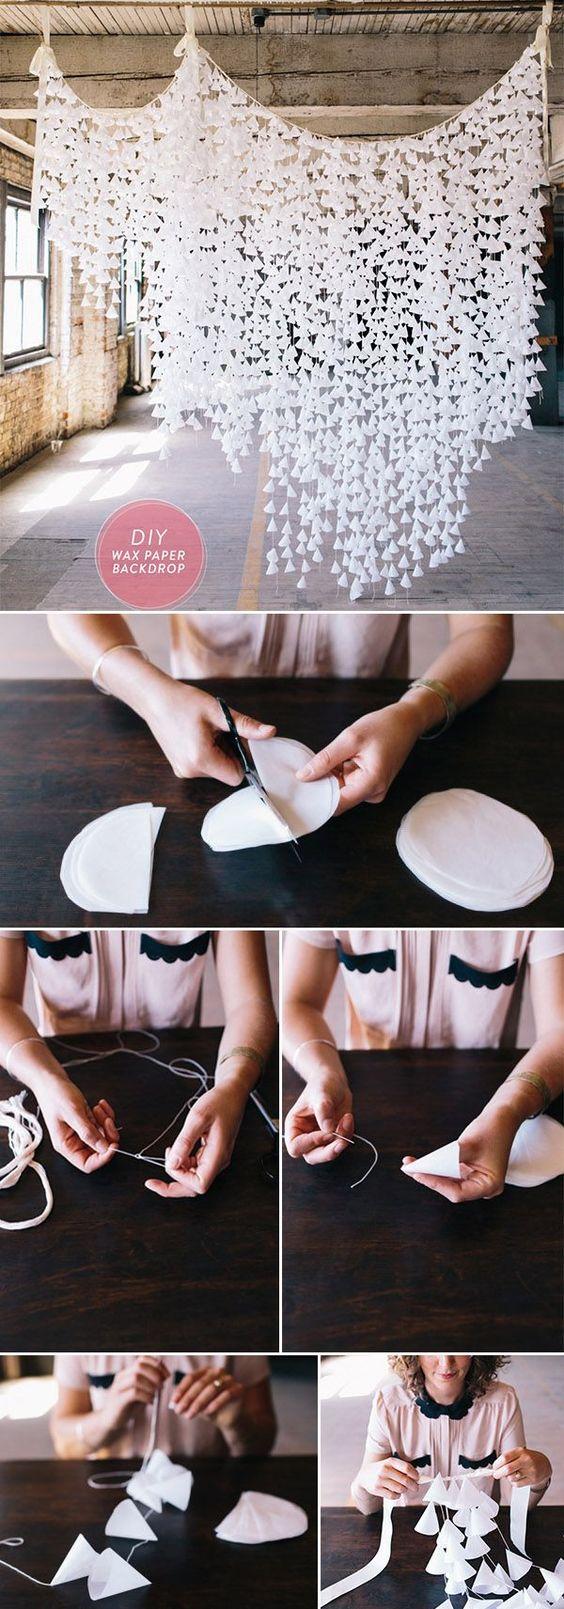 ιδέες διακόσμησης γάμου1